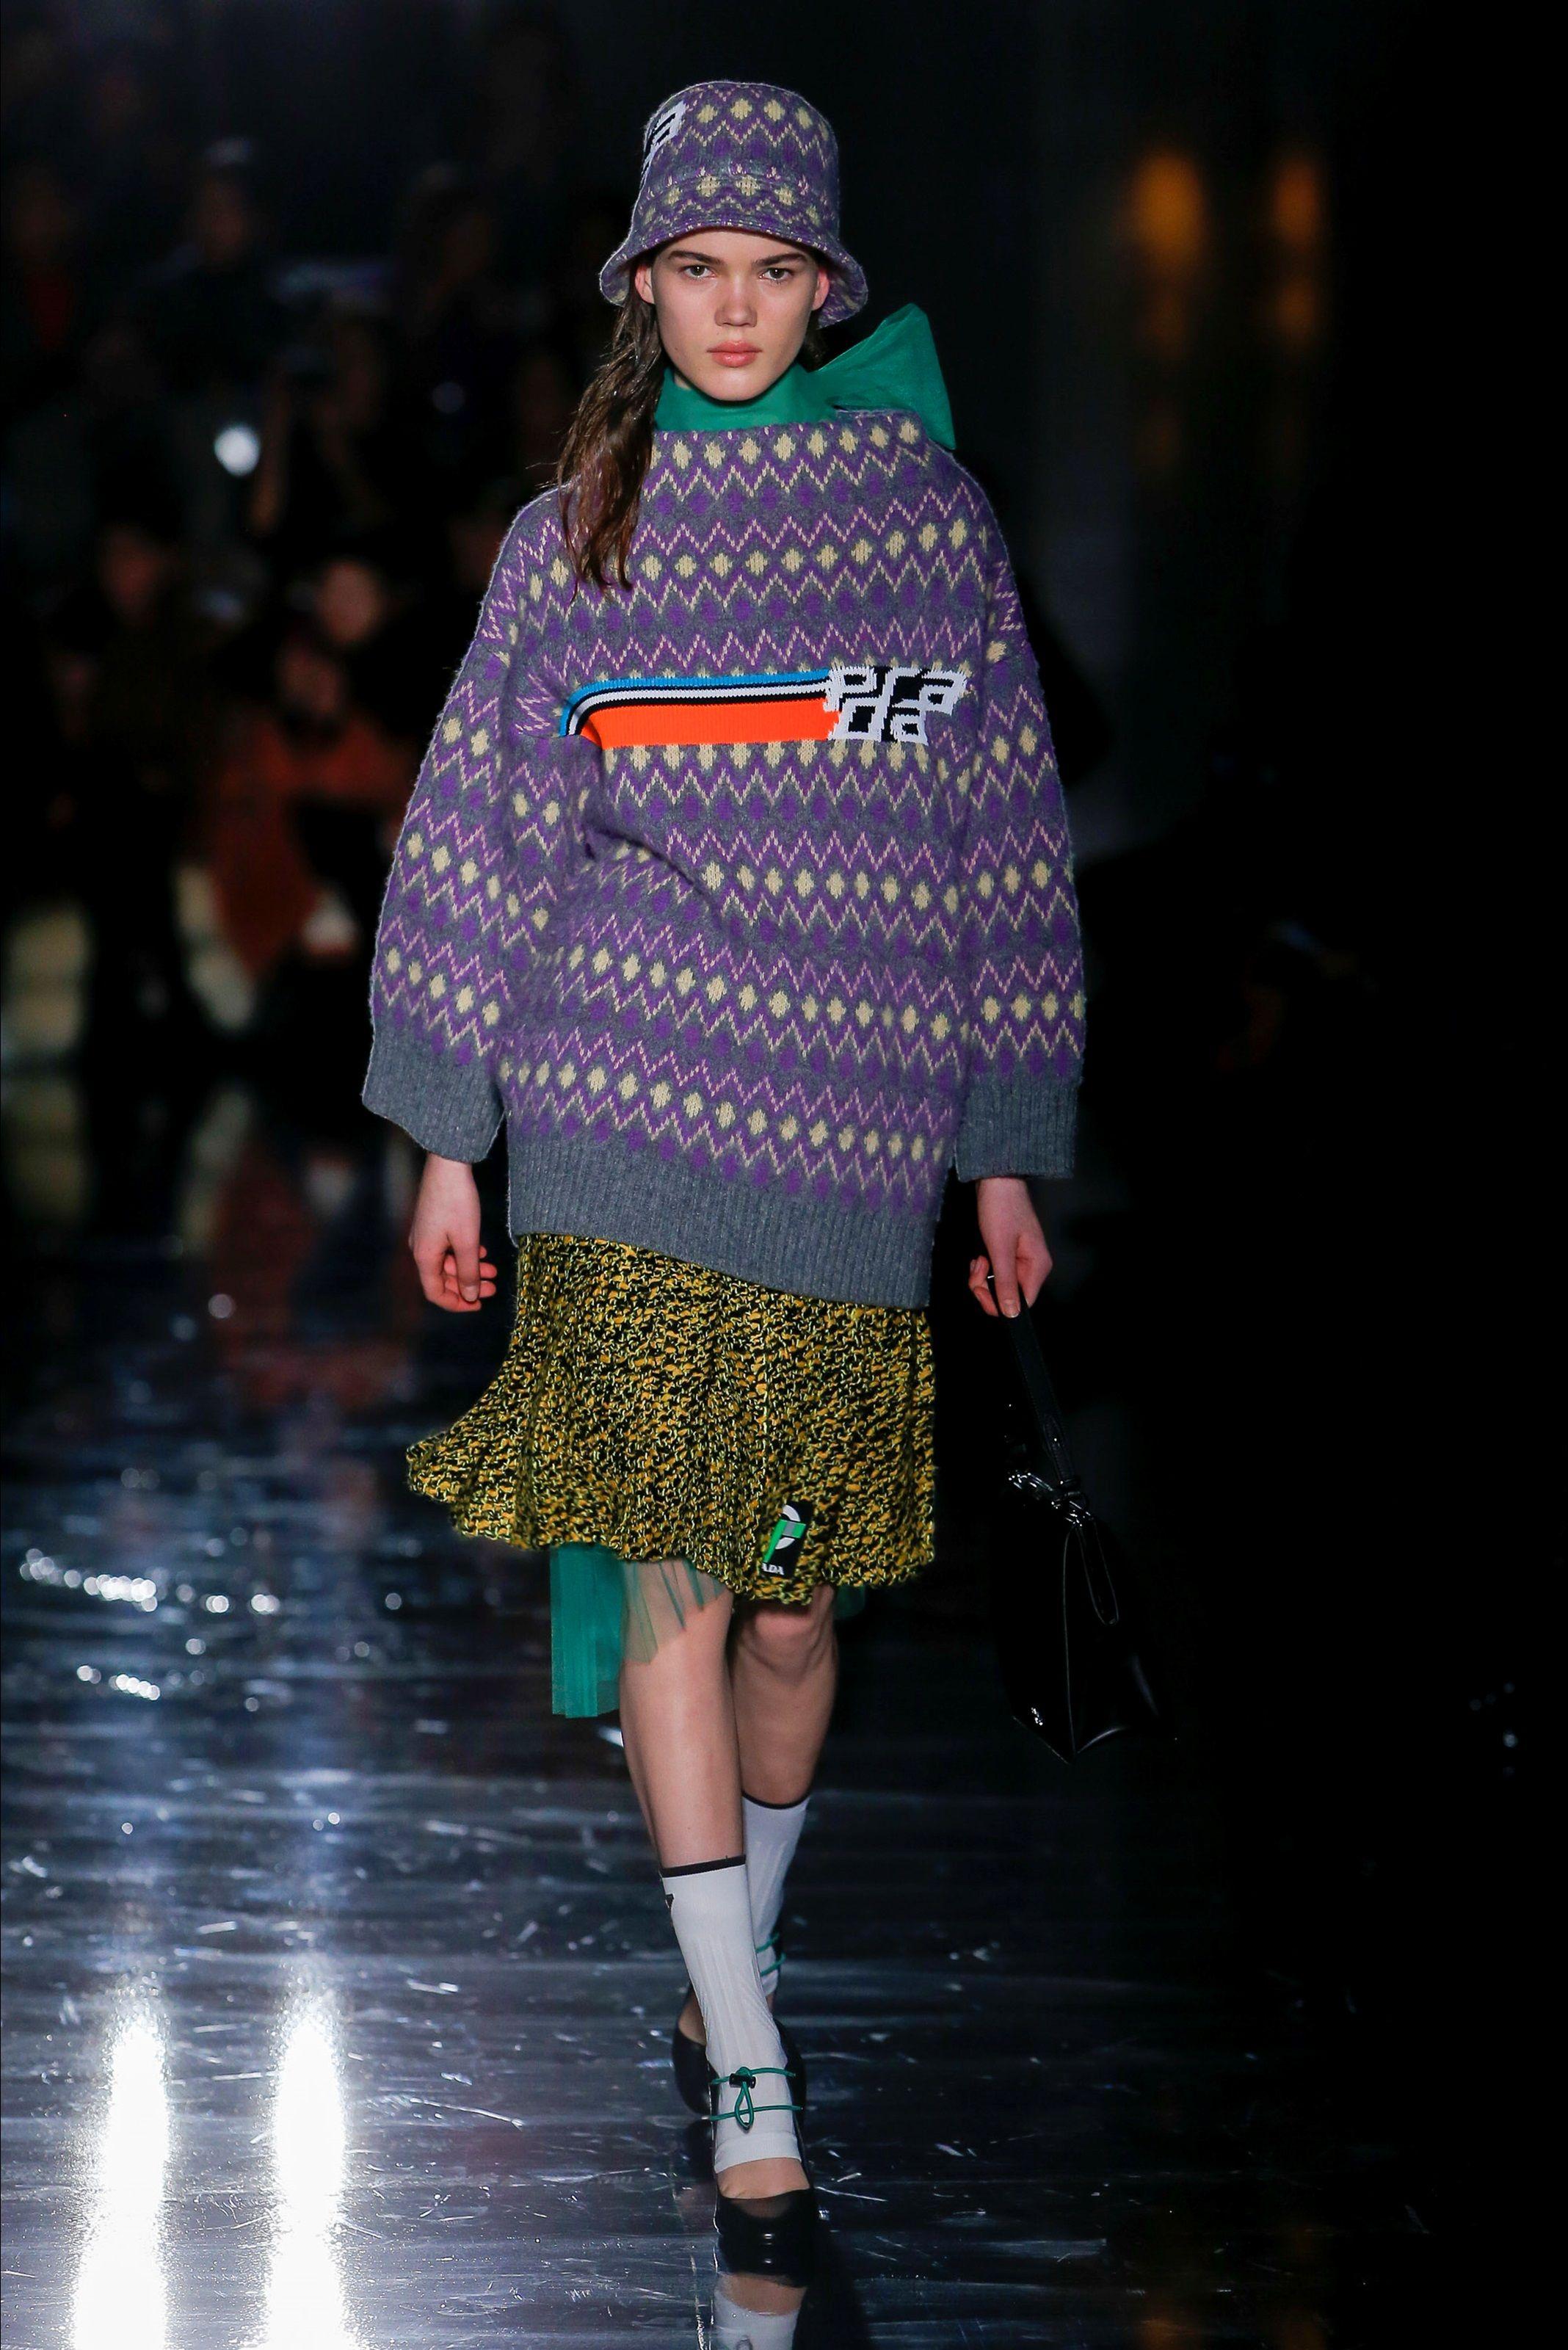 Milano Collezioni Vogue Inverno 2018 Prada Autunno Sfilata 19 lJcFK1